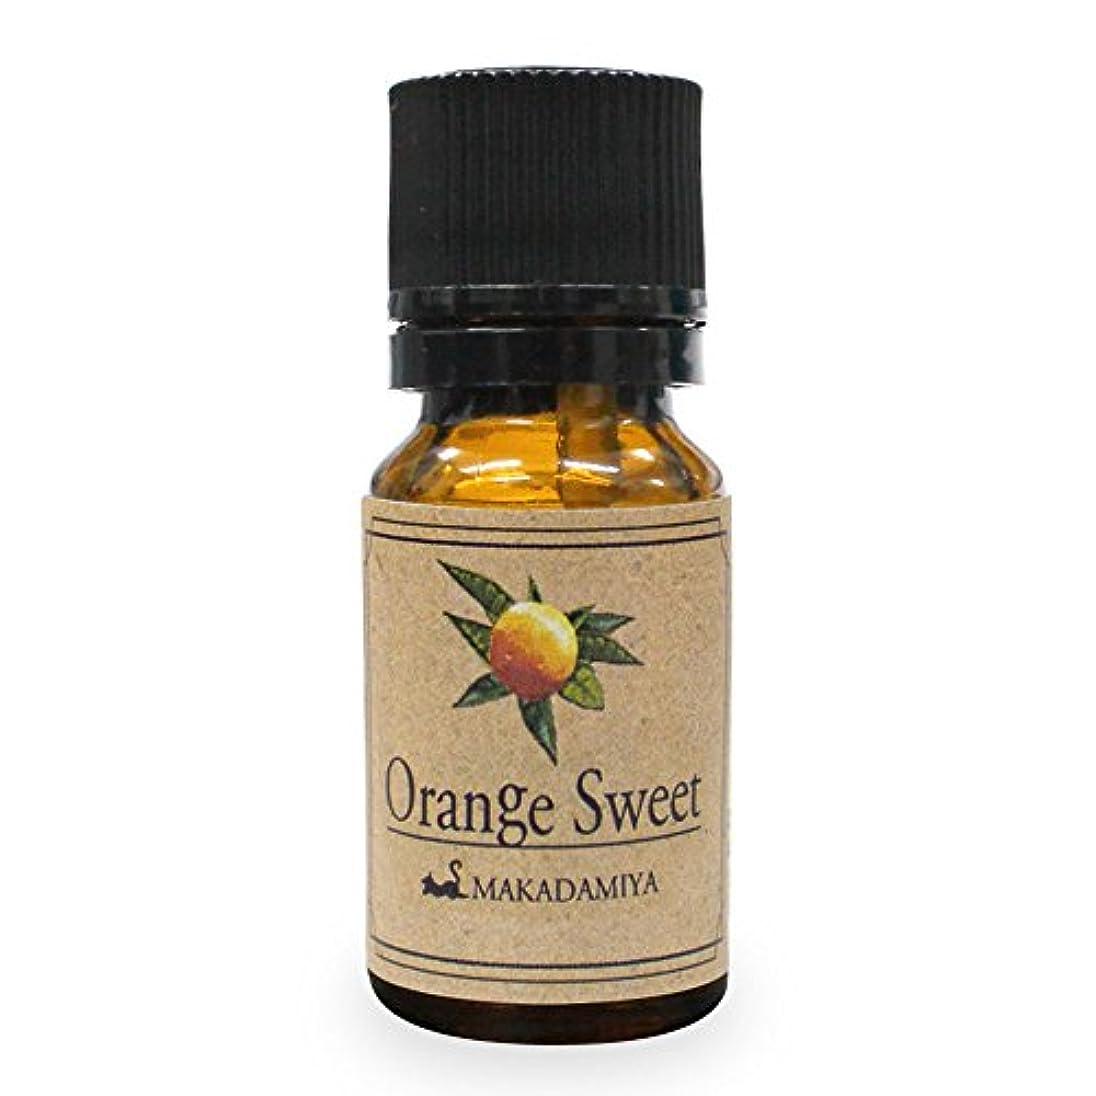 極端なフレアアヒルオレンジ?スイート10ml 天然100%植物性 エッセンシャルオイル(精油) アロマオイル アロママッサージ aroma Orange S.